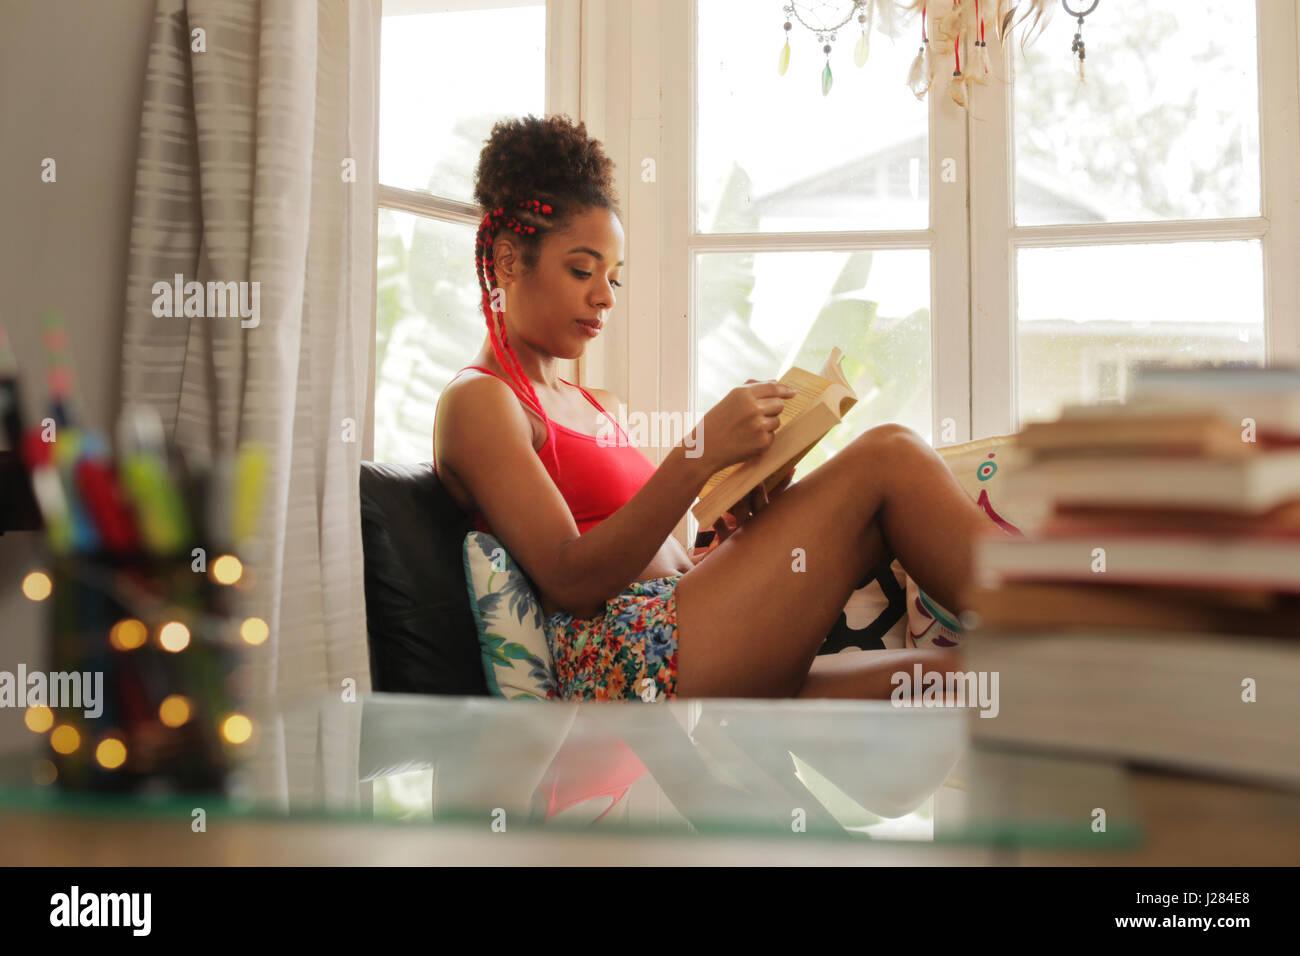 Felice studentessa la lettura del libro e seduto sul divano. Giovane africano donna americana rilassante, nero ragazza Immagini Stock